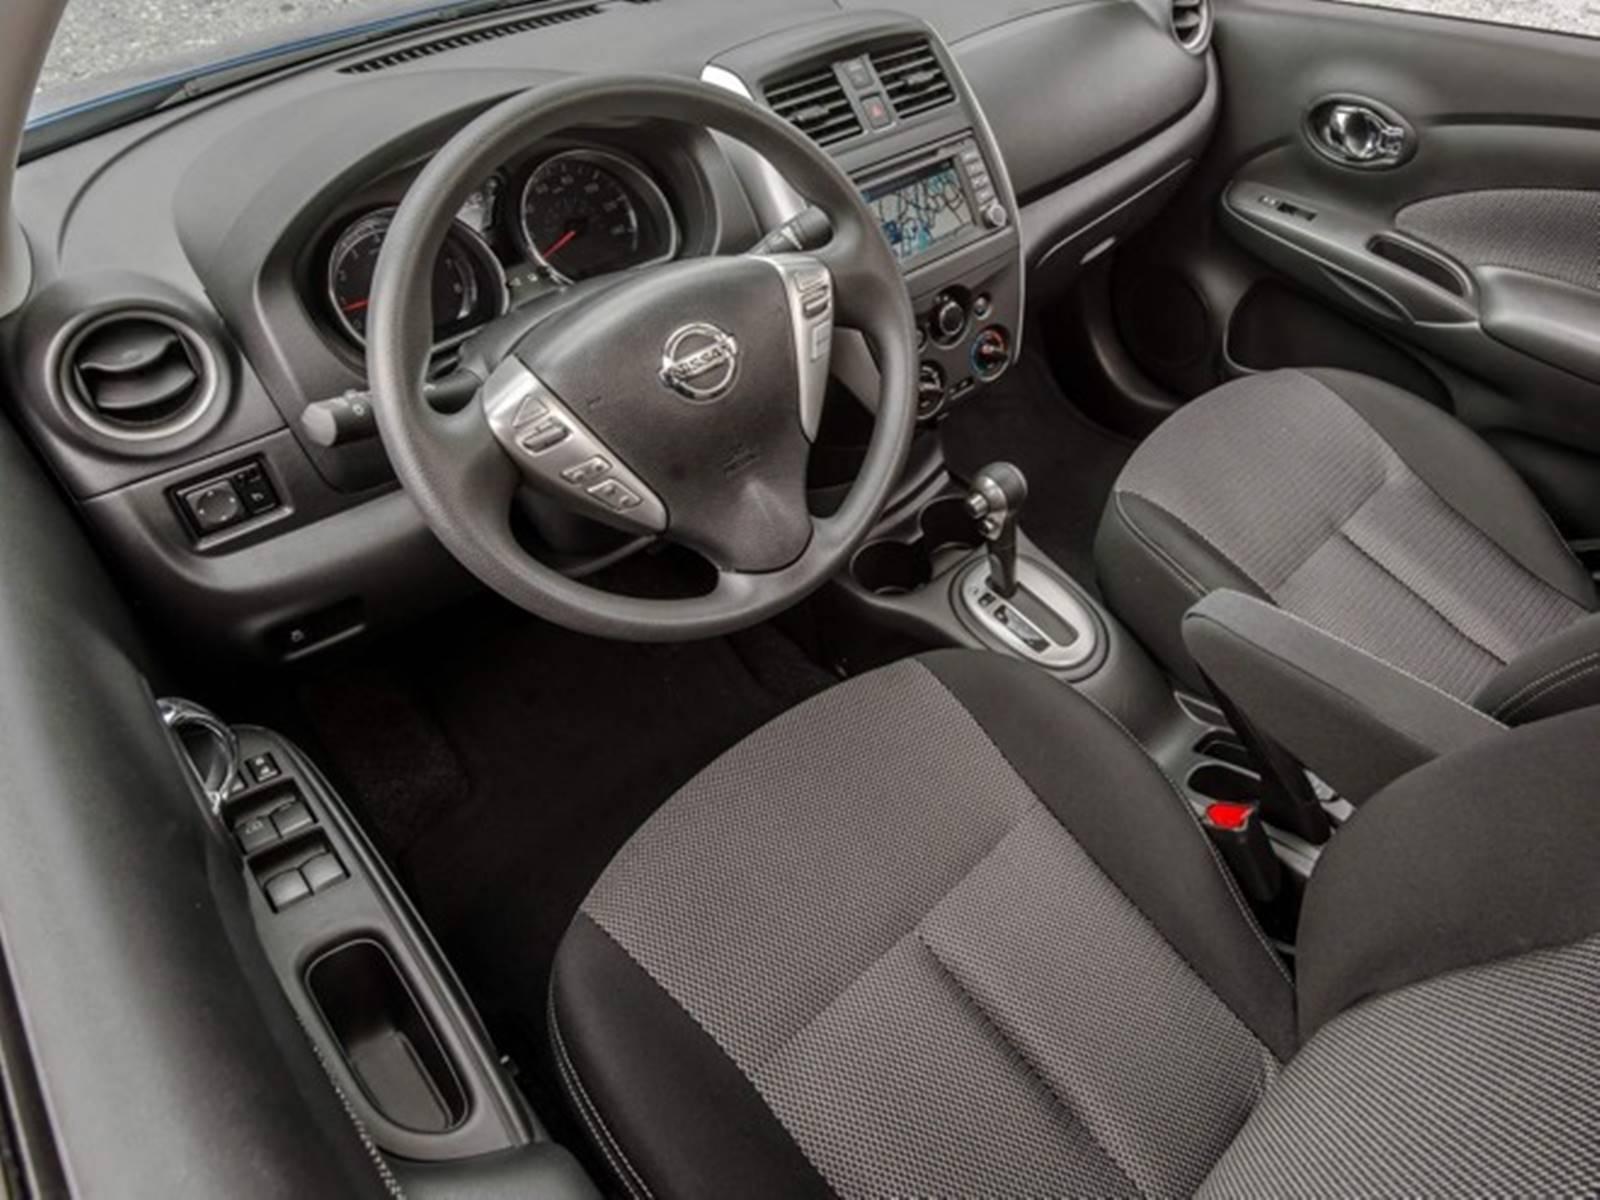 Nissan March E Versa Agora Contam Com C 226 Mbio Autom 225 Tico Carro Bonito